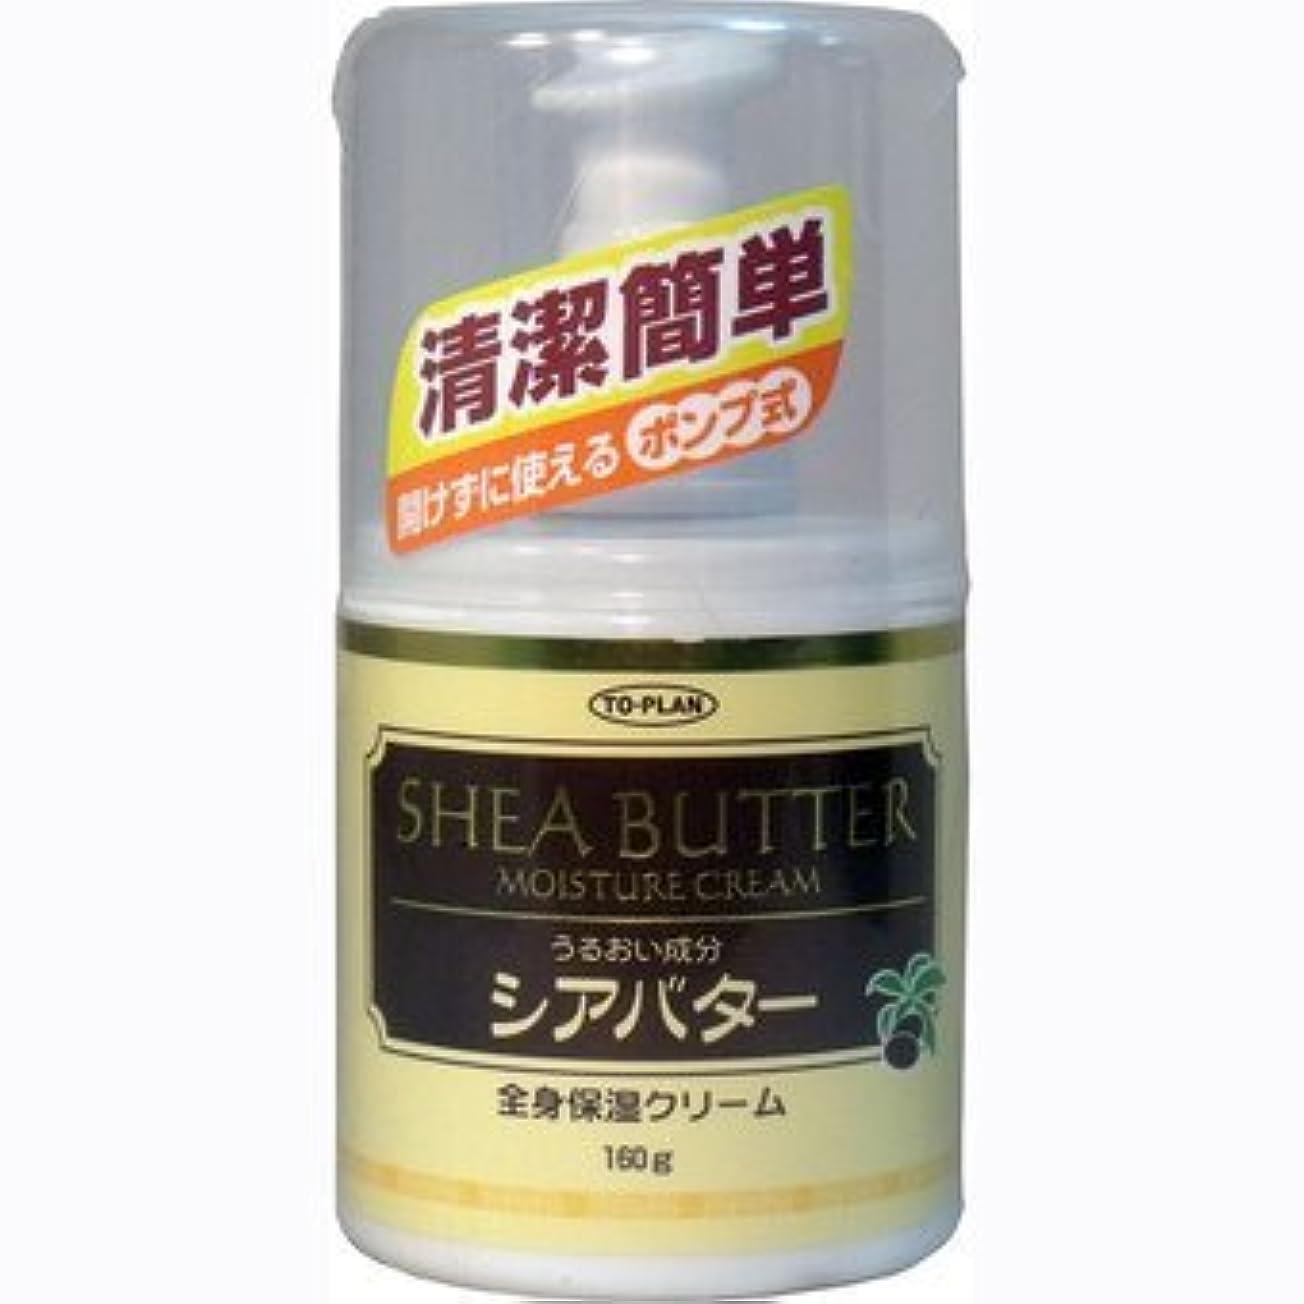 直感チーフケージトプランお肌の乾燥を防ぐ 全身保湿クリーム シアバター ポンプ式 160g×3個